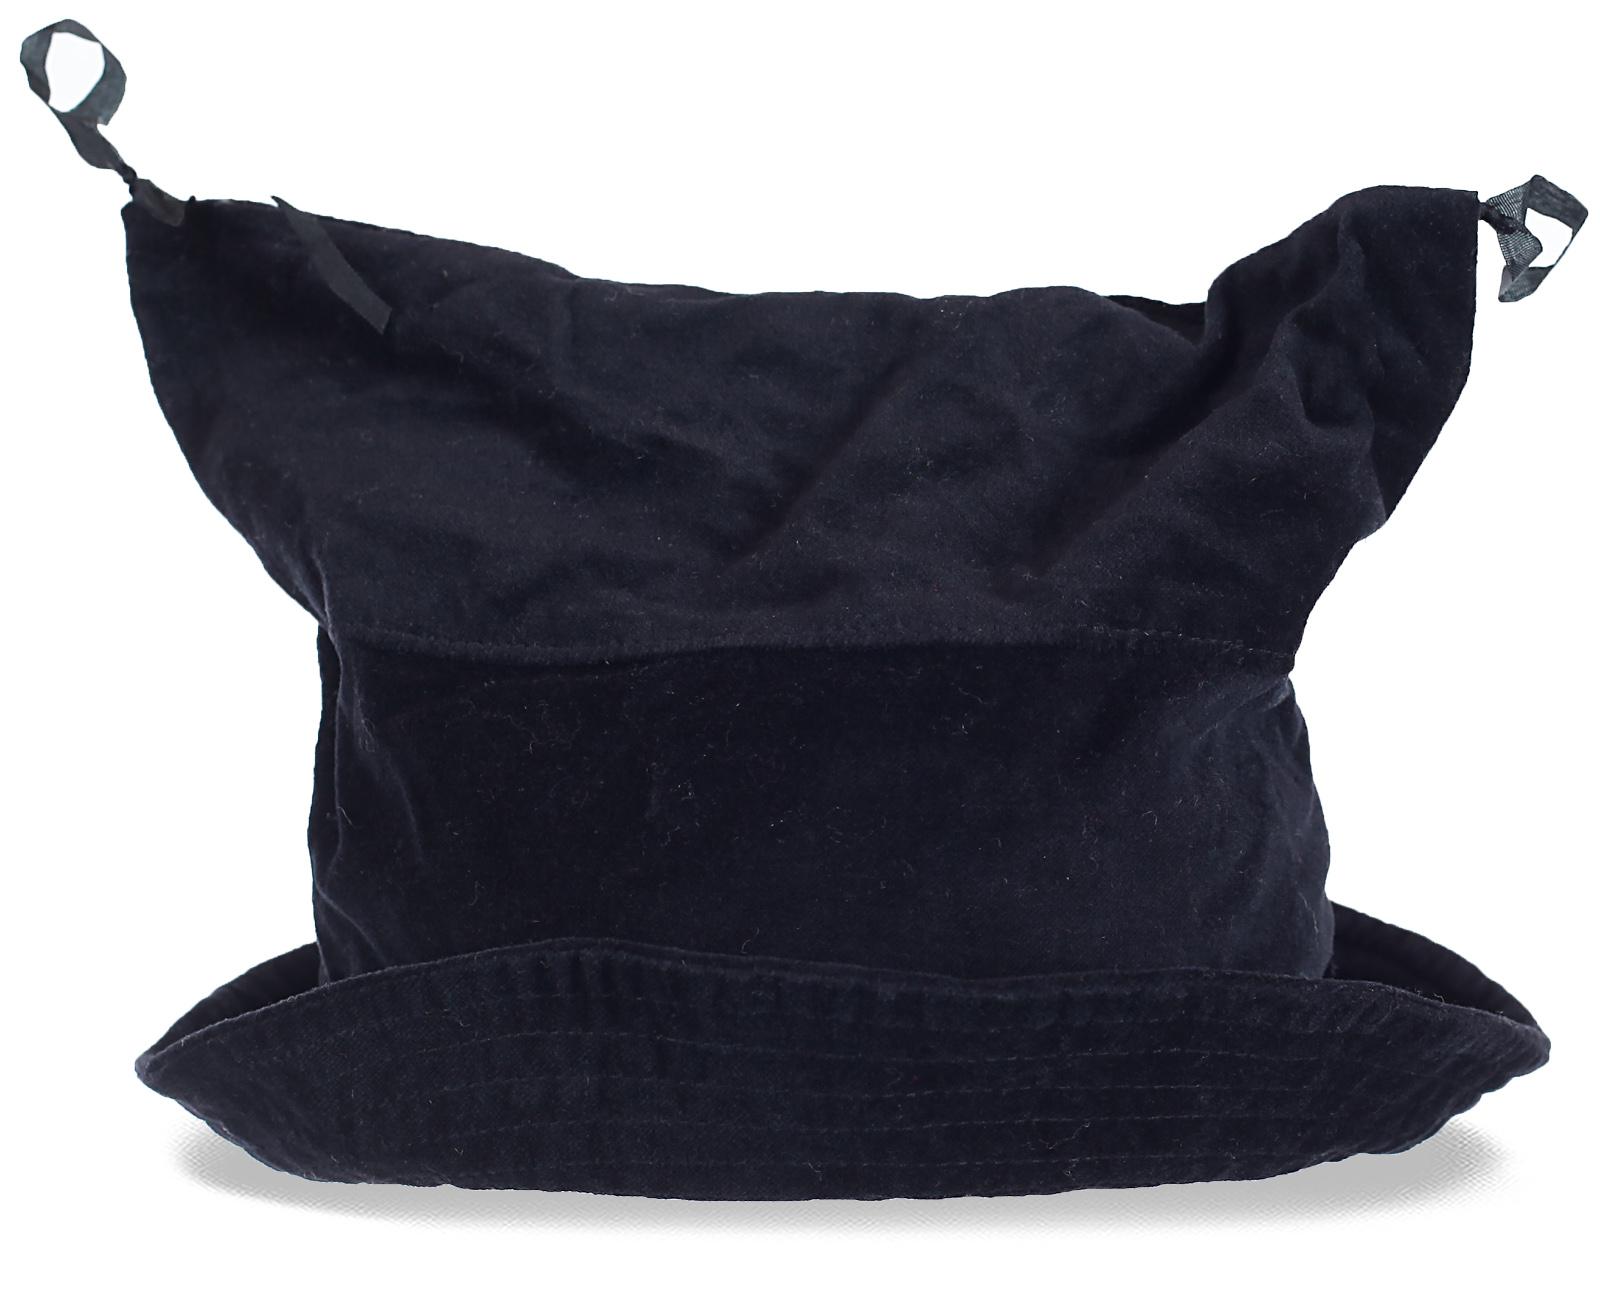 Прикольная оригинальная шапка новомодного фасона. Для продвинутых модников уникальное решение